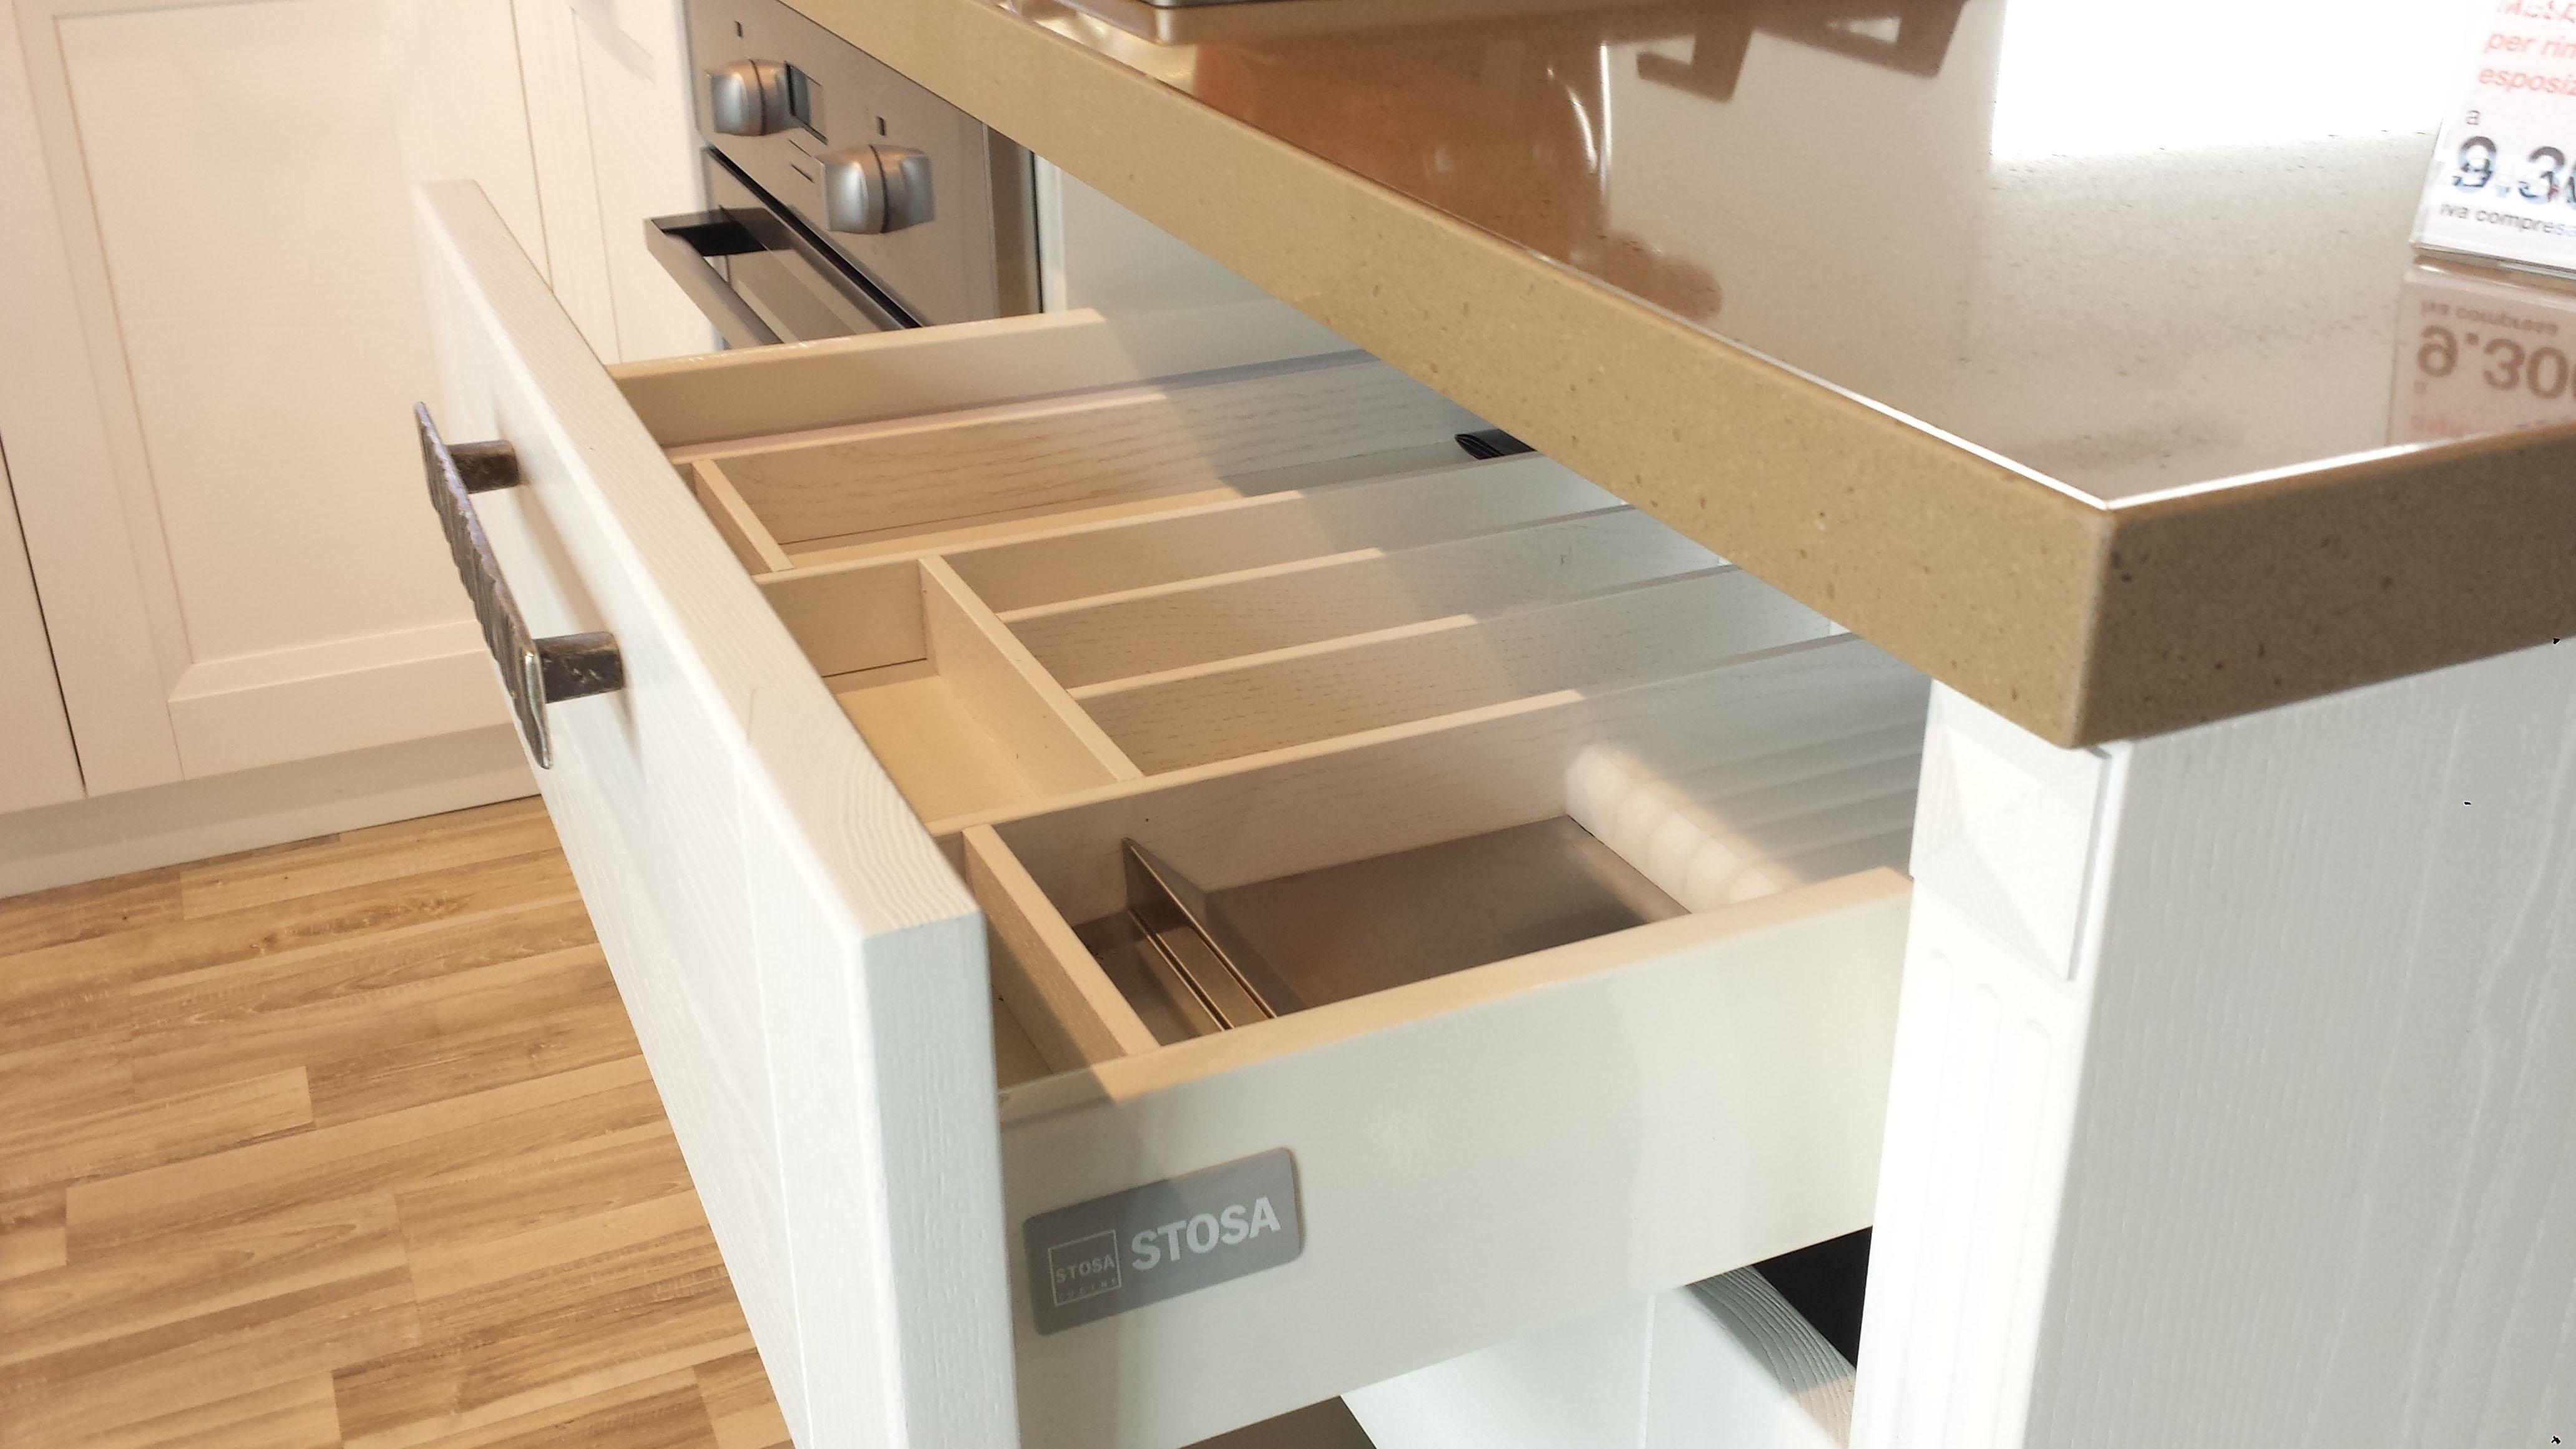 Cucina stosa beverly in offerta completa di - Ikea angolo occasioni ...